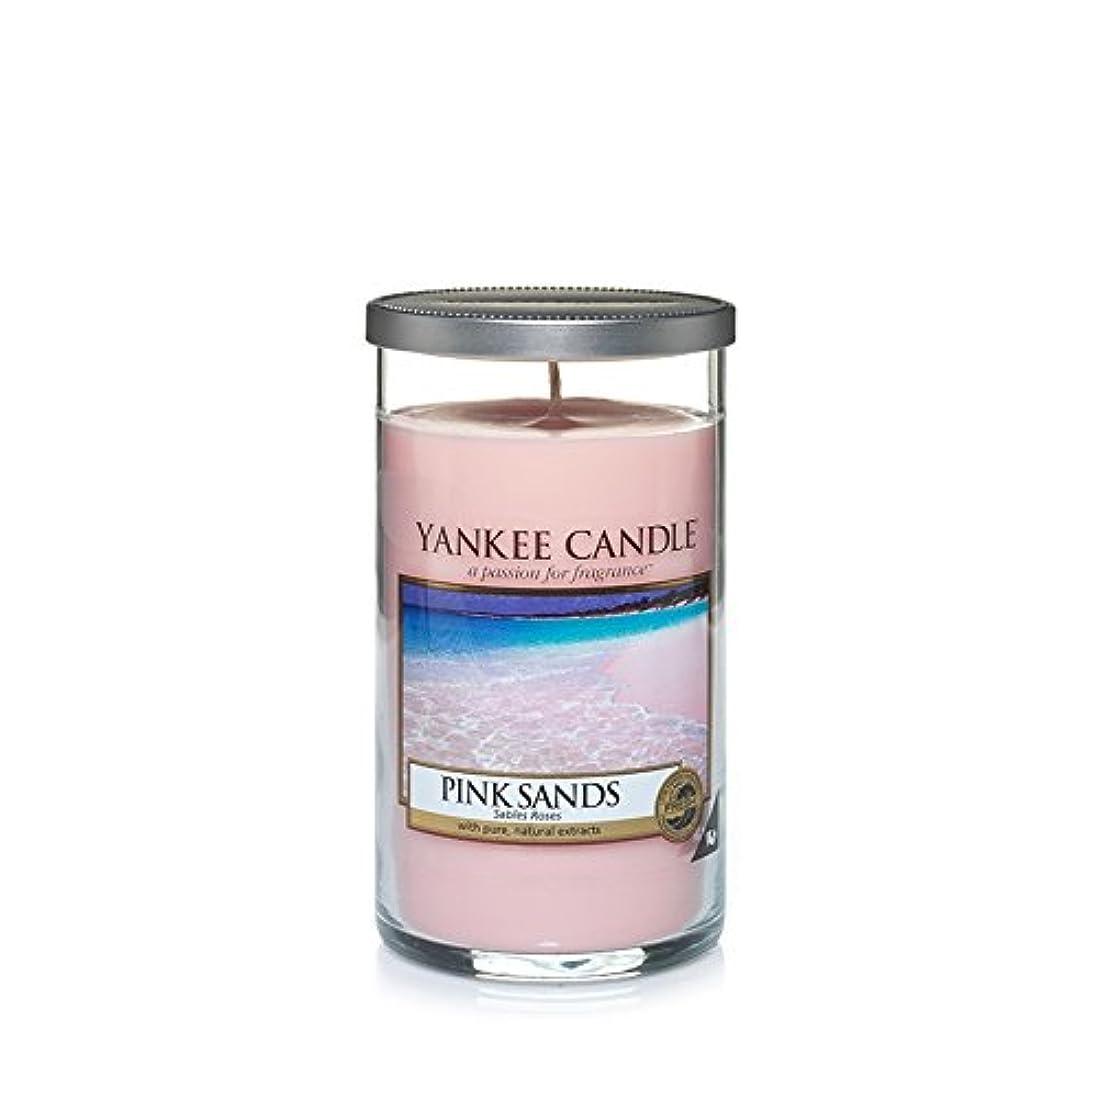 トリム鼻好奇心盛Yankee Candles Medium Pillar Candle - Pink Sands? (Pack of 6) - ヤンキーキャンドルメディアピラーキャンドル - ピンクの砂? (x6) [並行輸入品]